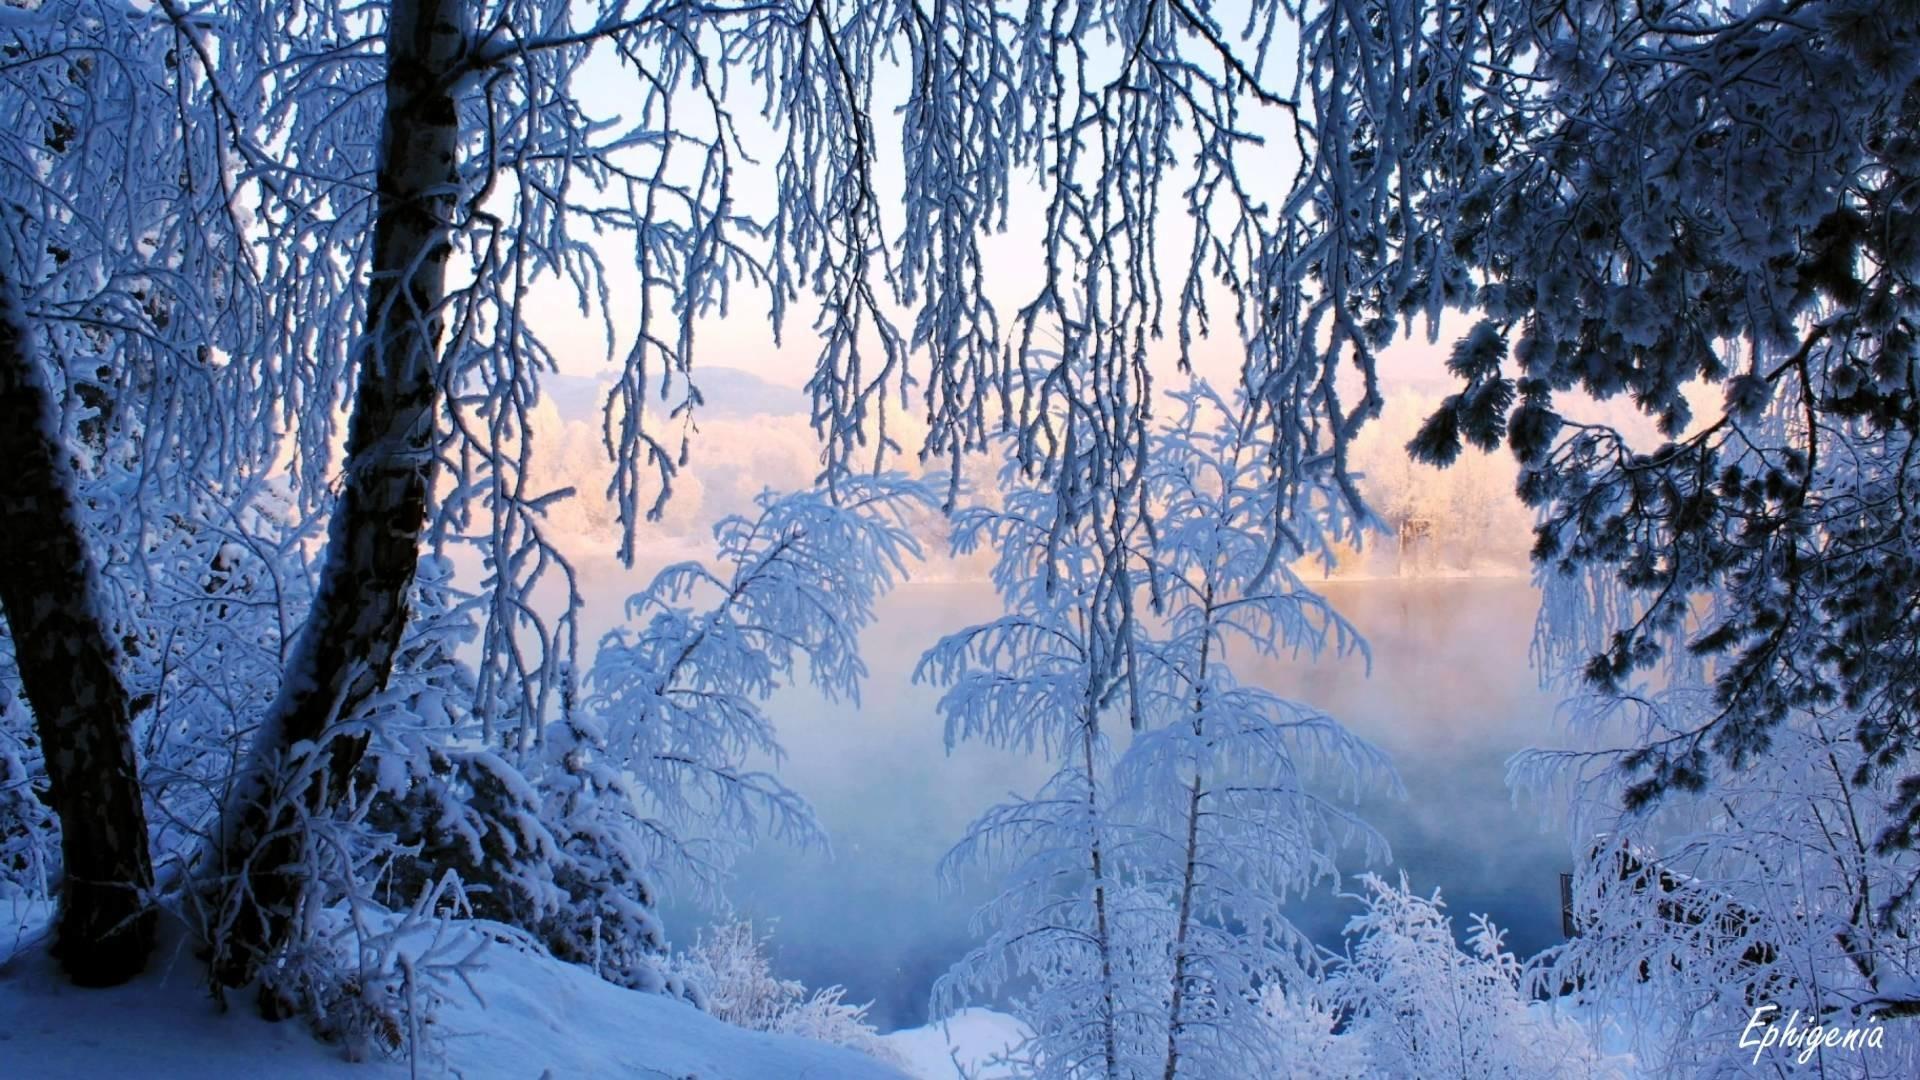 Beautiful Finland Winter, Finnish Winter Landscape in 4K (ultra HD) –  YouTube